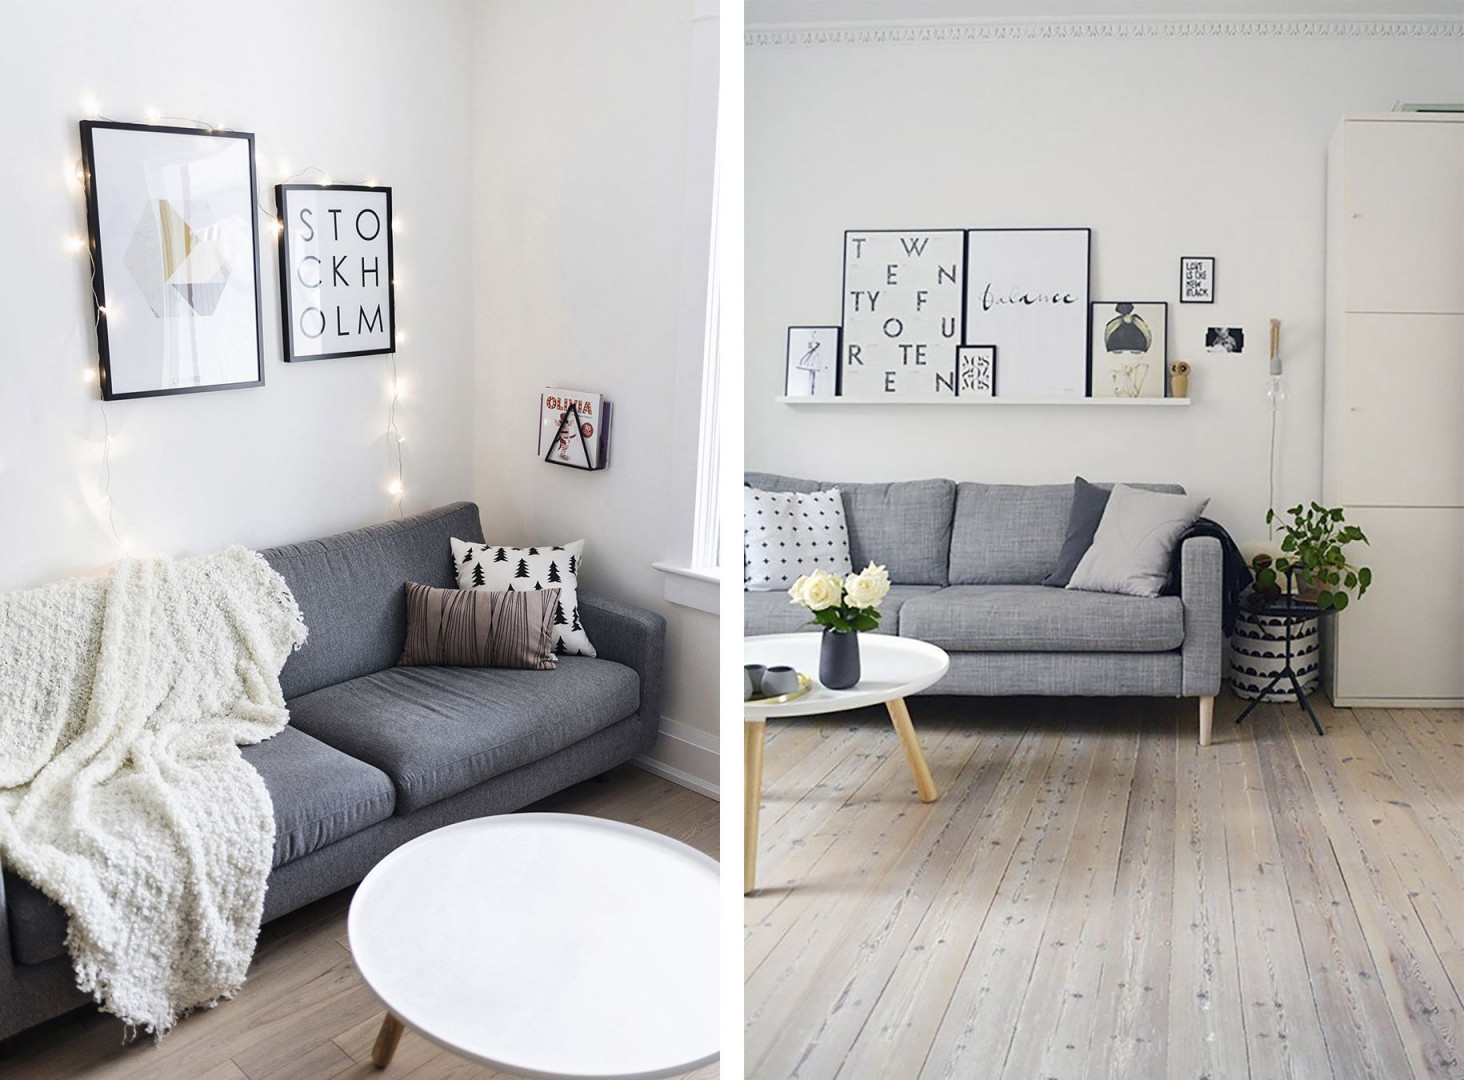 60 Erstaunliche Licht Grau Wohnzimmer Ideen  Dekomobel von Graues Wohnzimmer Ideen Bild